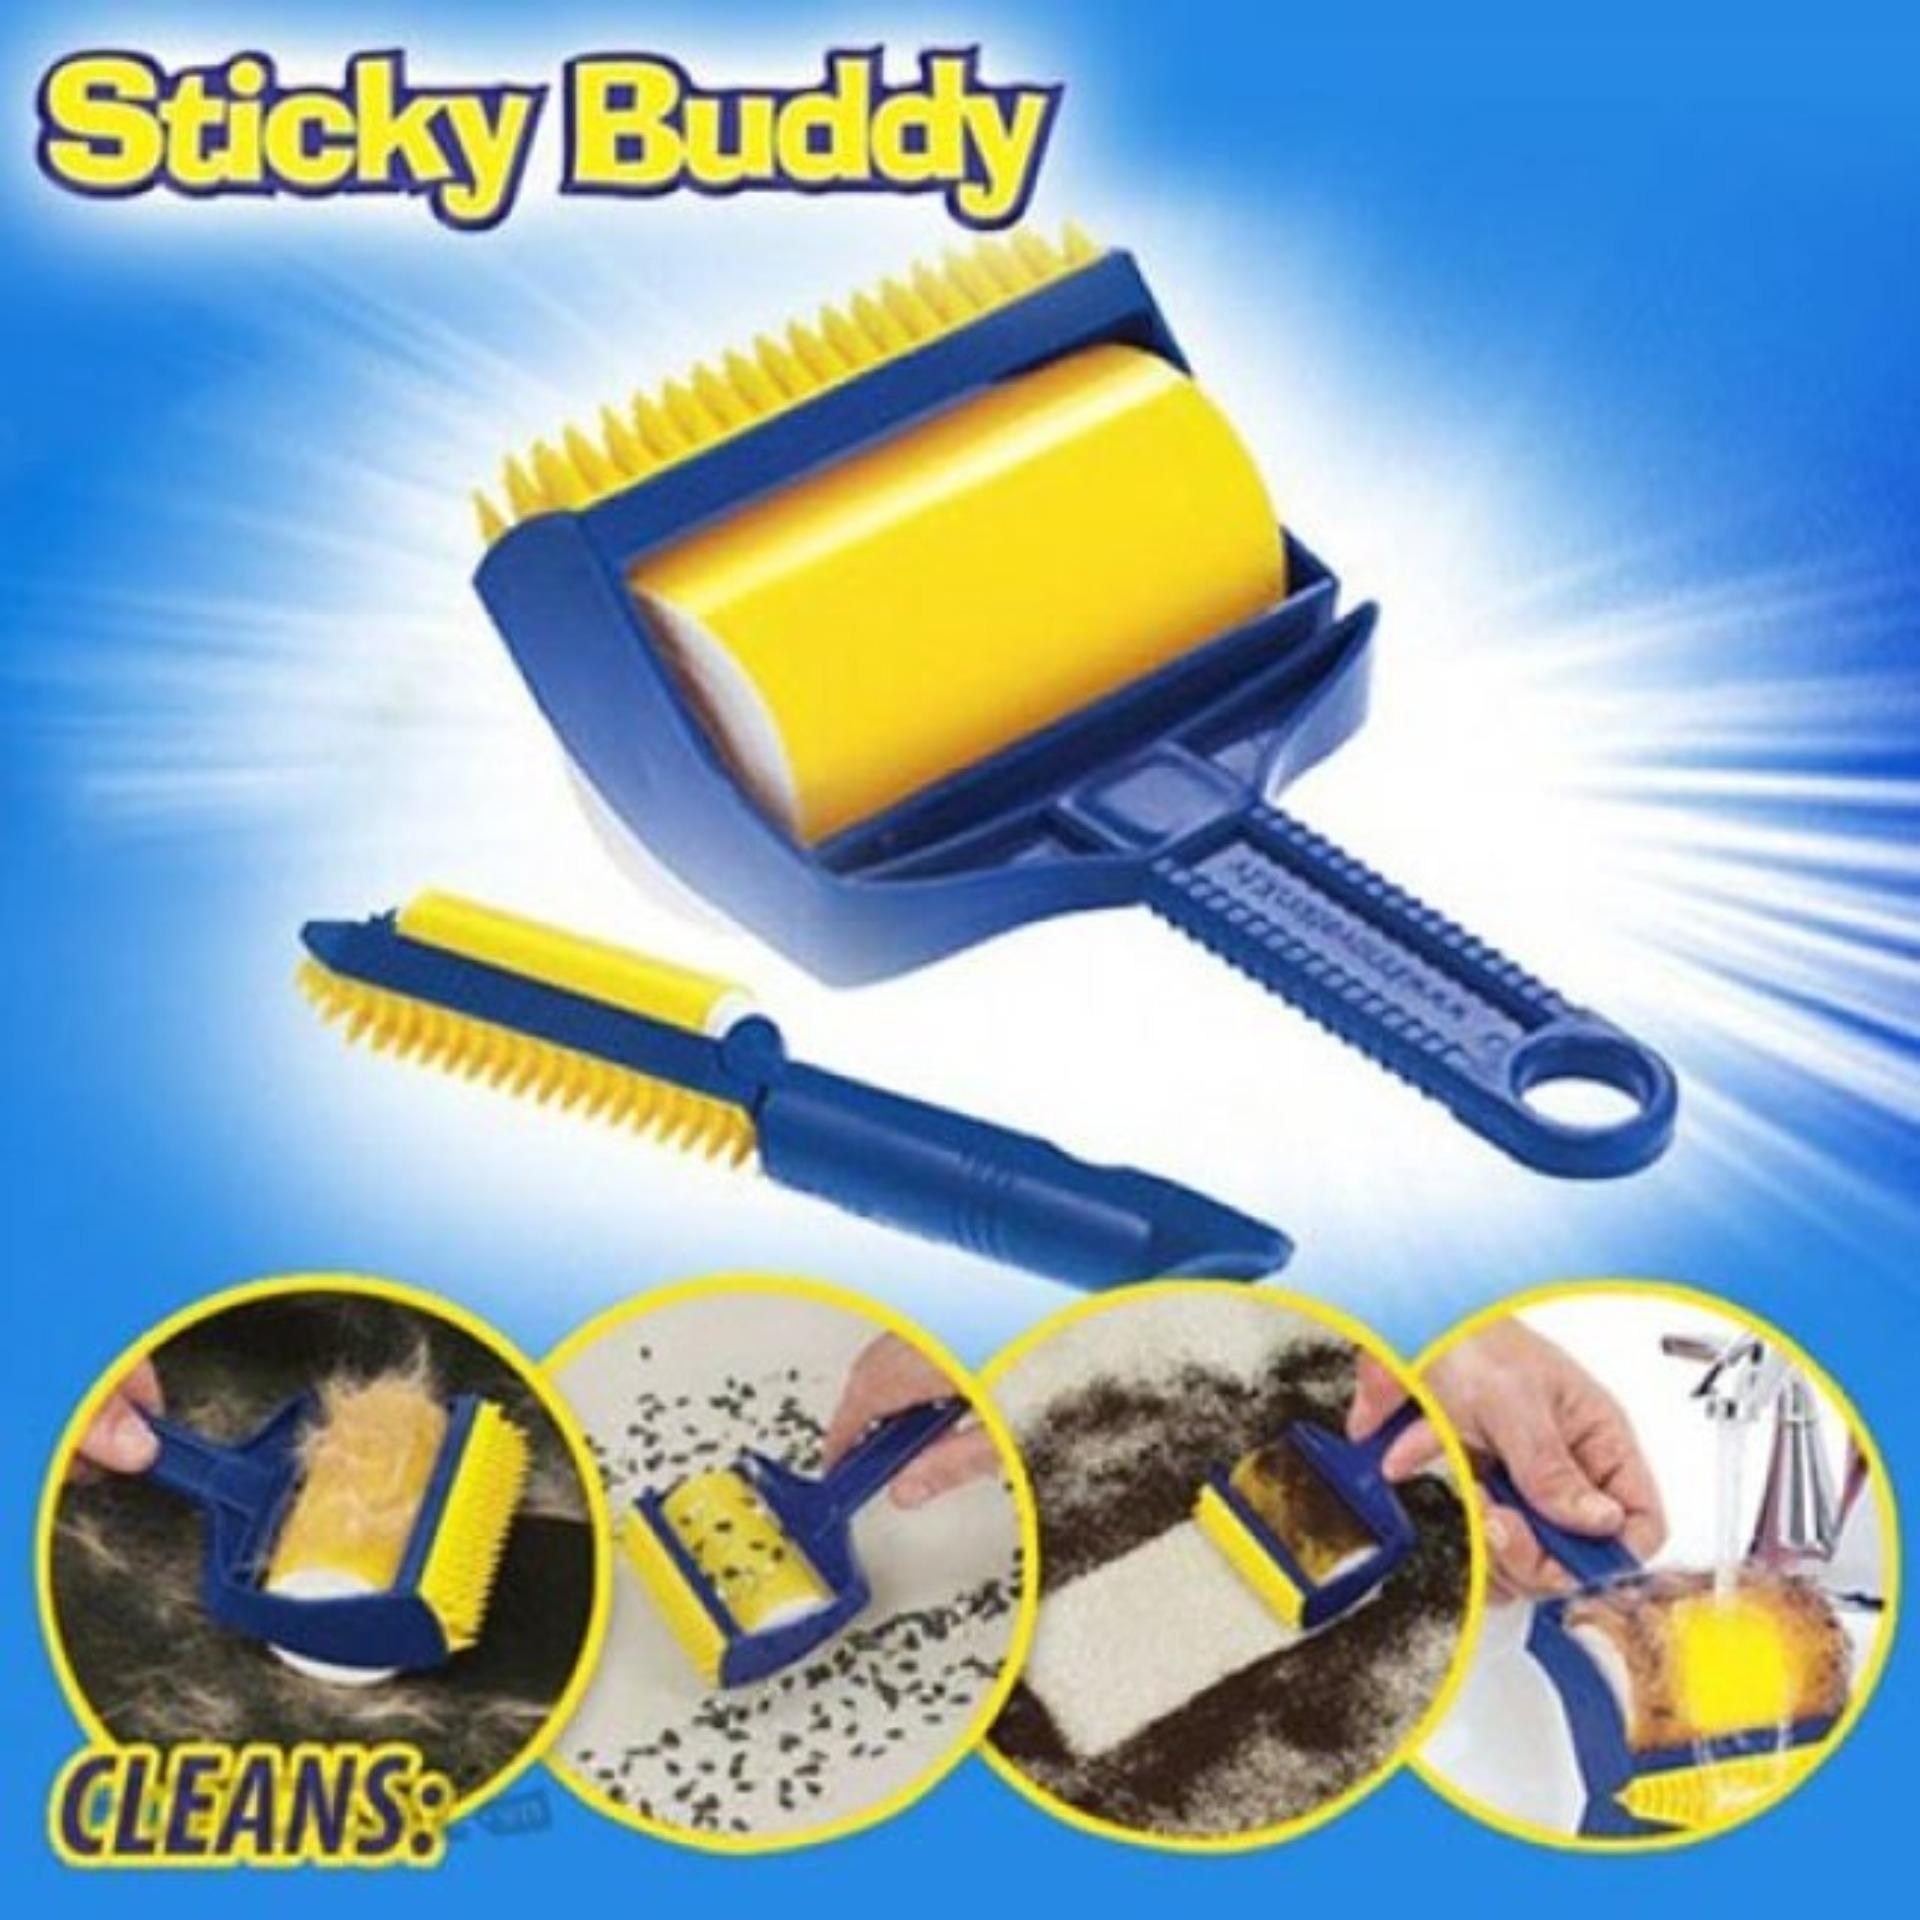 Cây lăn bụi quần áo sofa chăn ga gối đệm đa năng Sticky Buddy